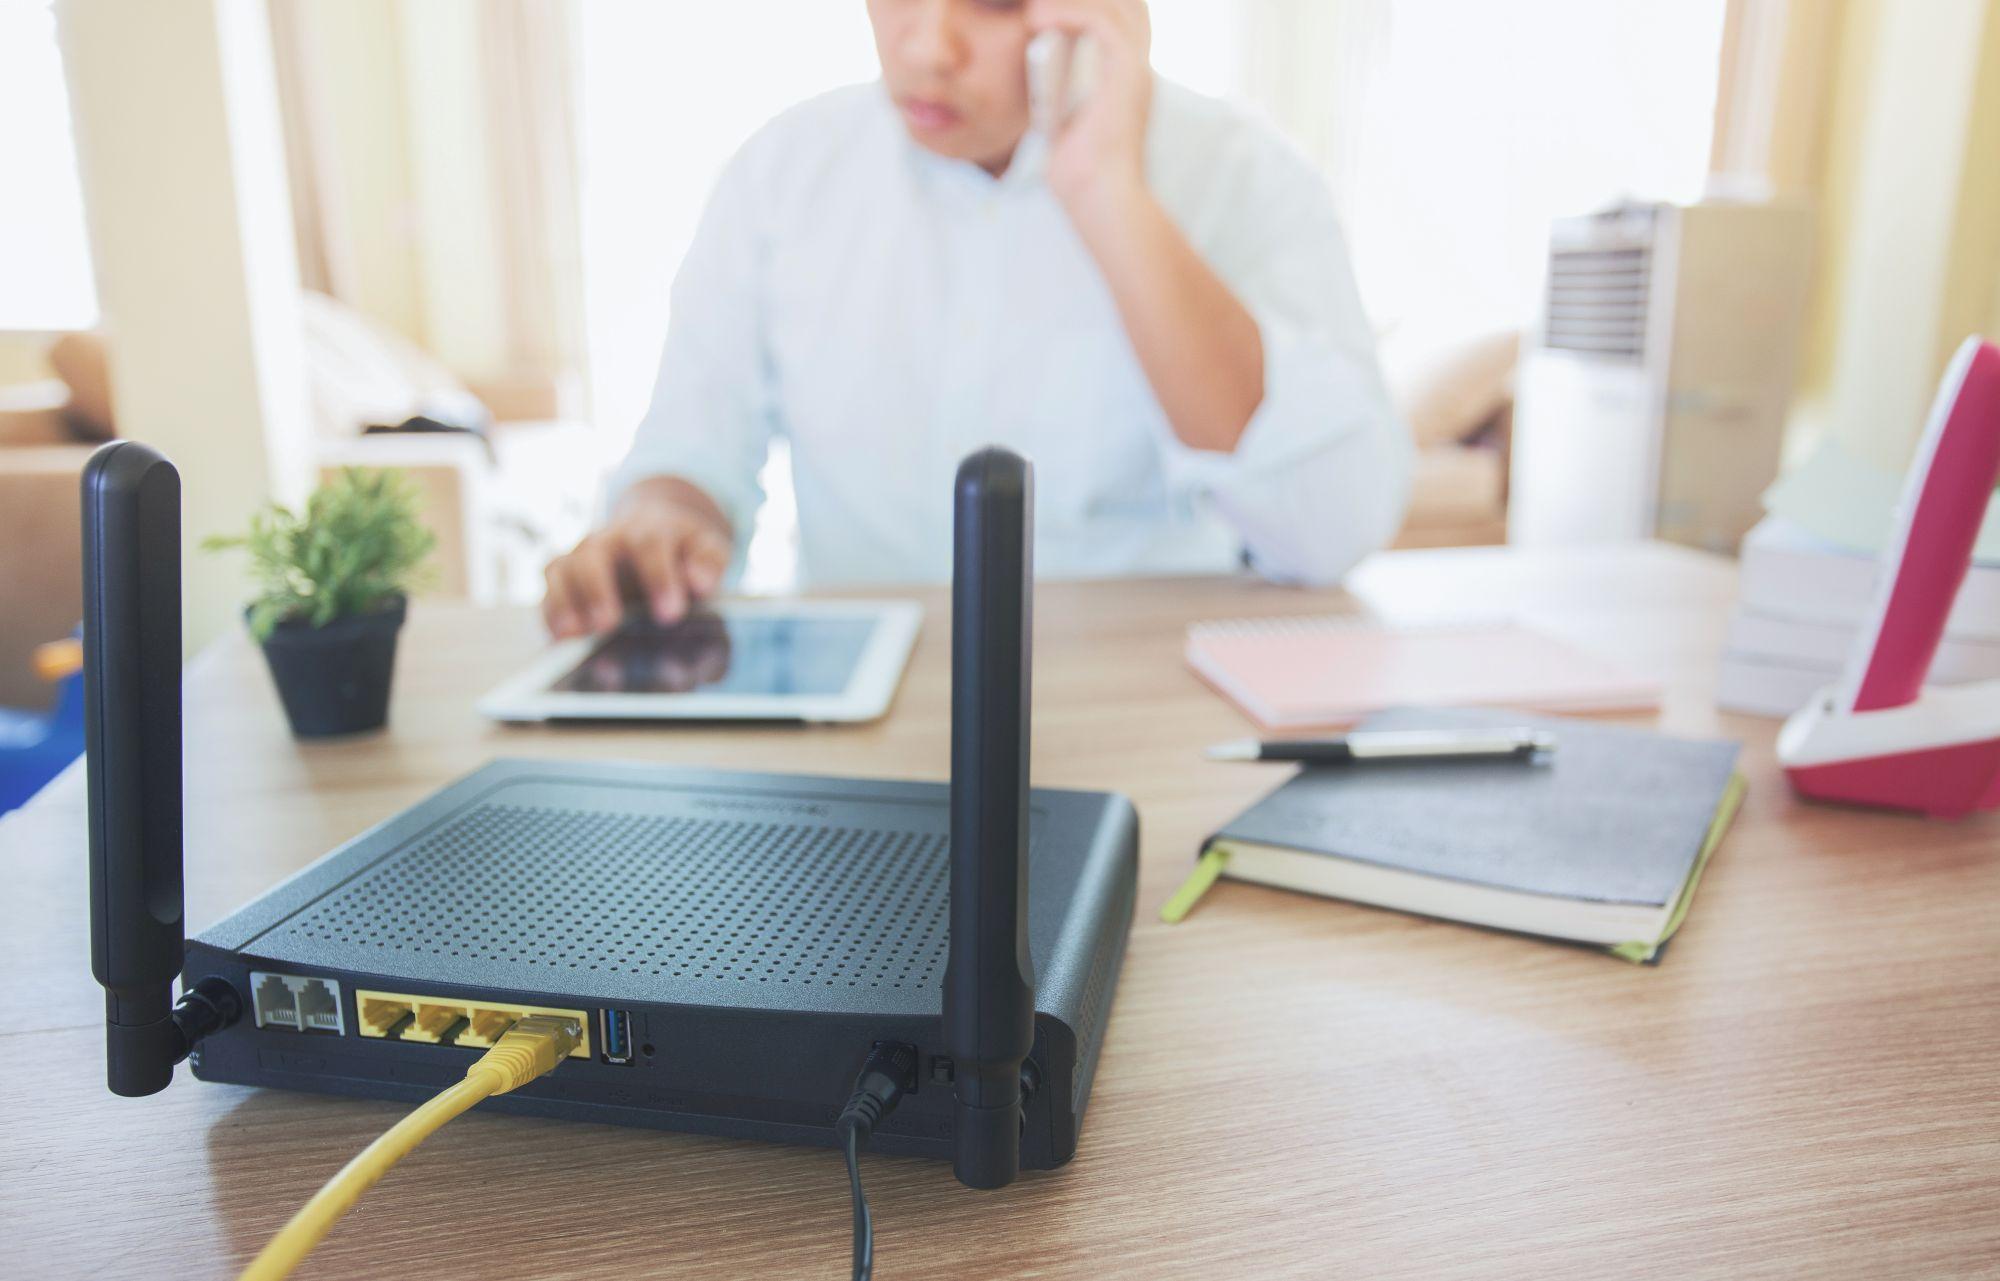 router a háttérben telefonáló férfivel